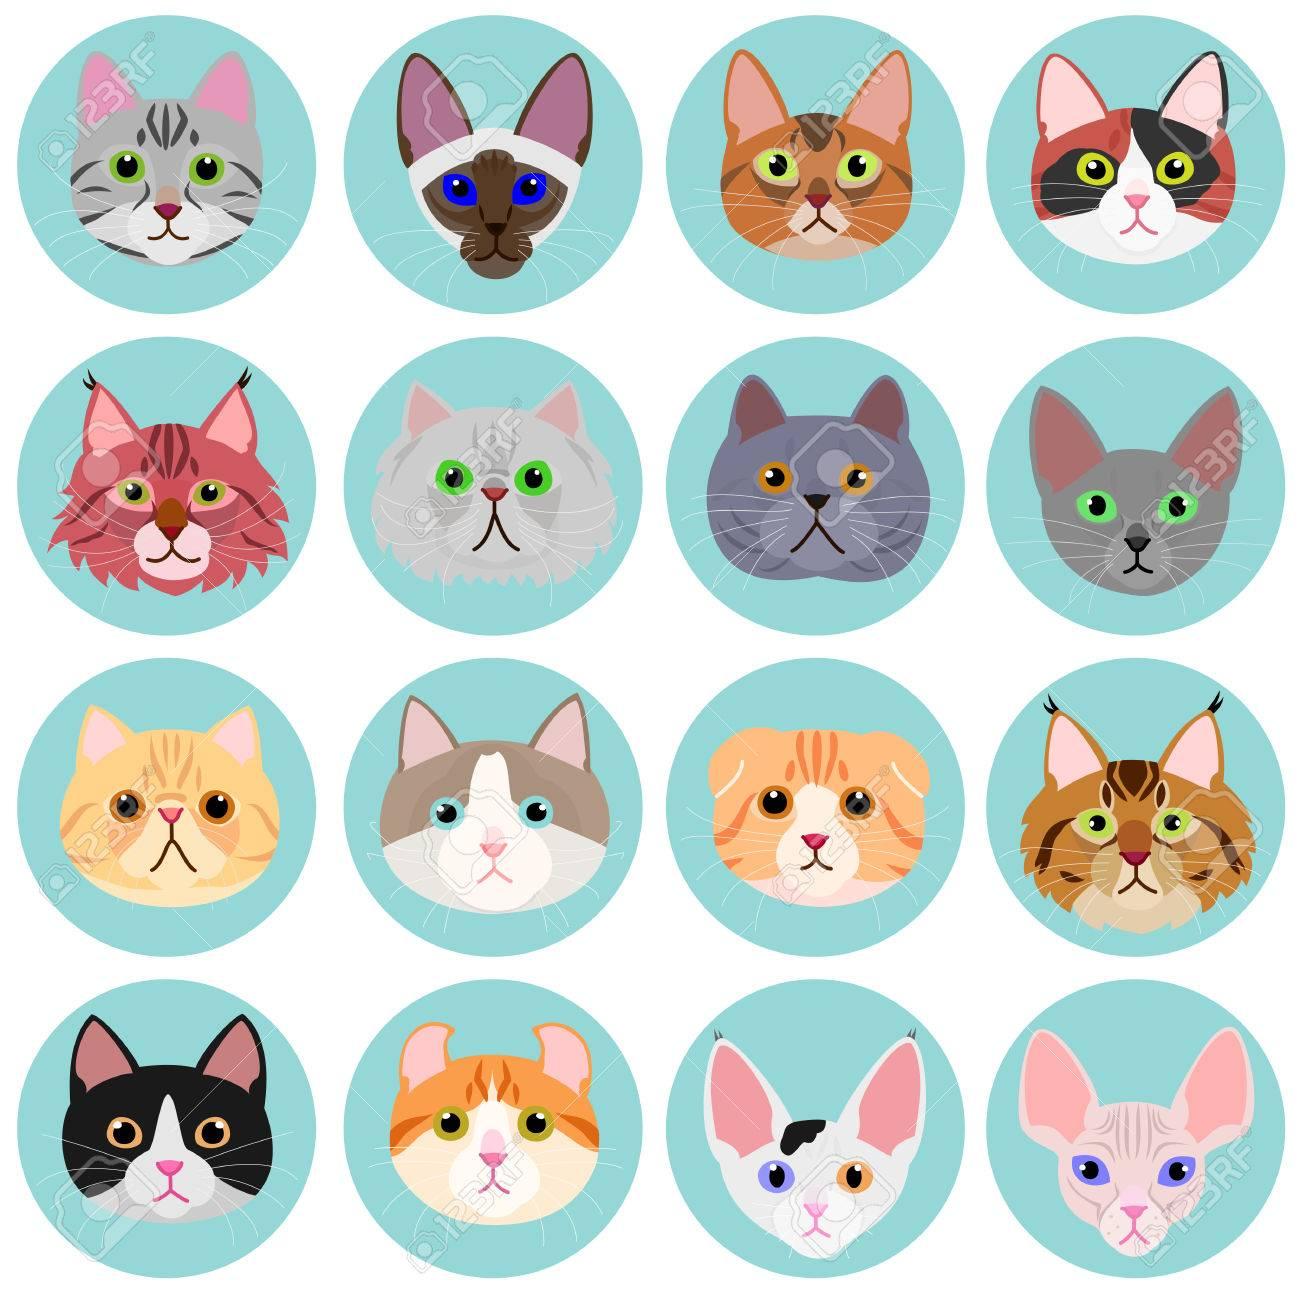 cat face set with circle.